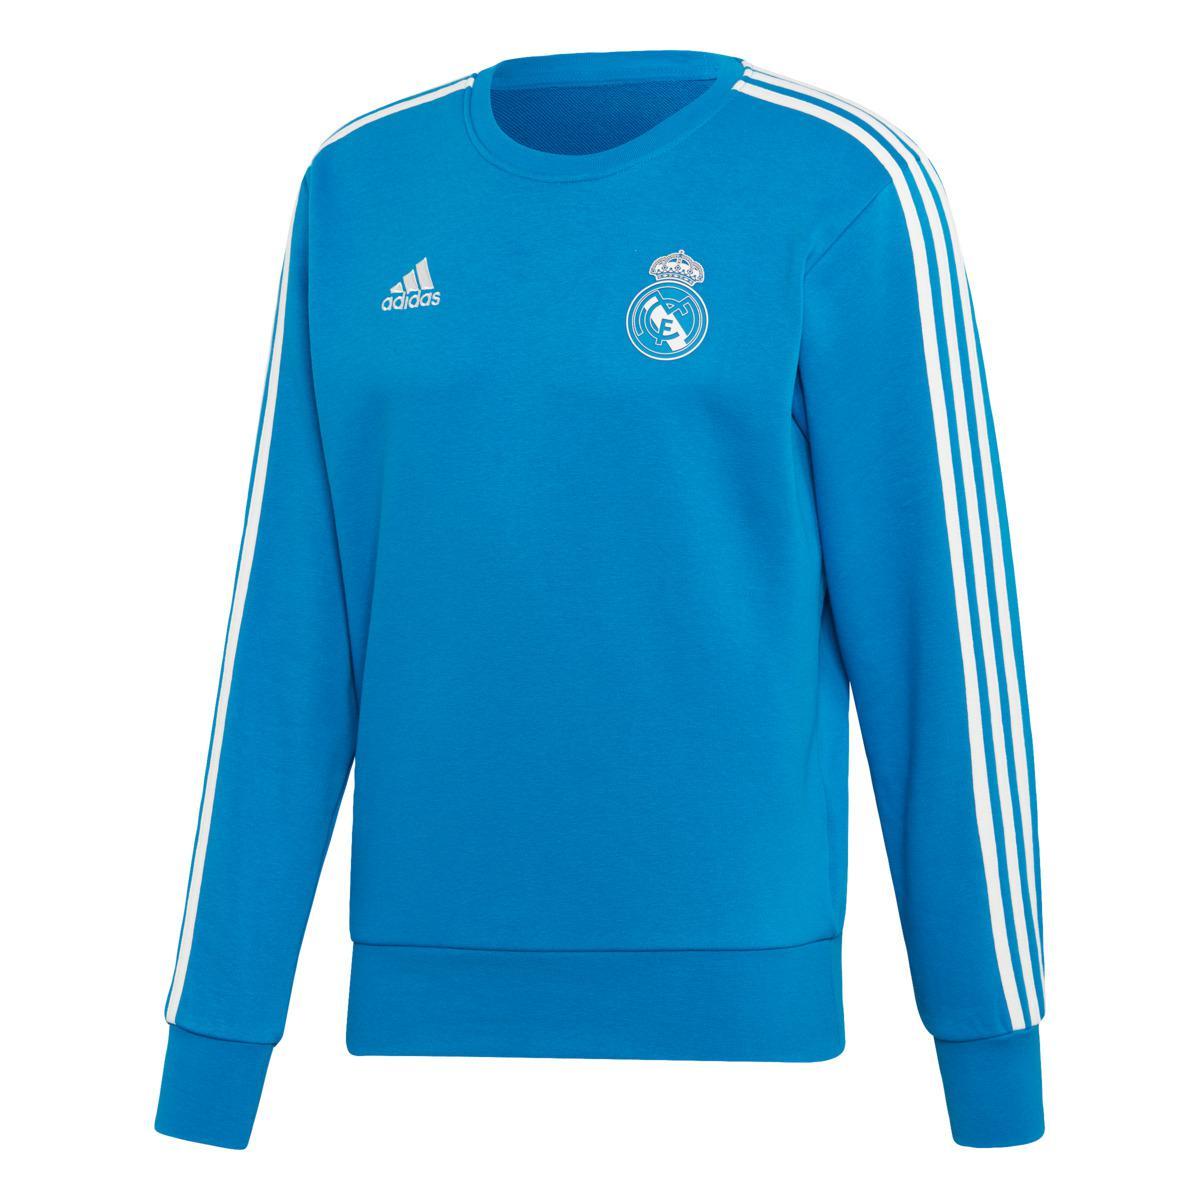 c8753bbcb47 adidas Real Madrid Cf 2018-2019 Sweatshirt in Blue for Men - Lyst